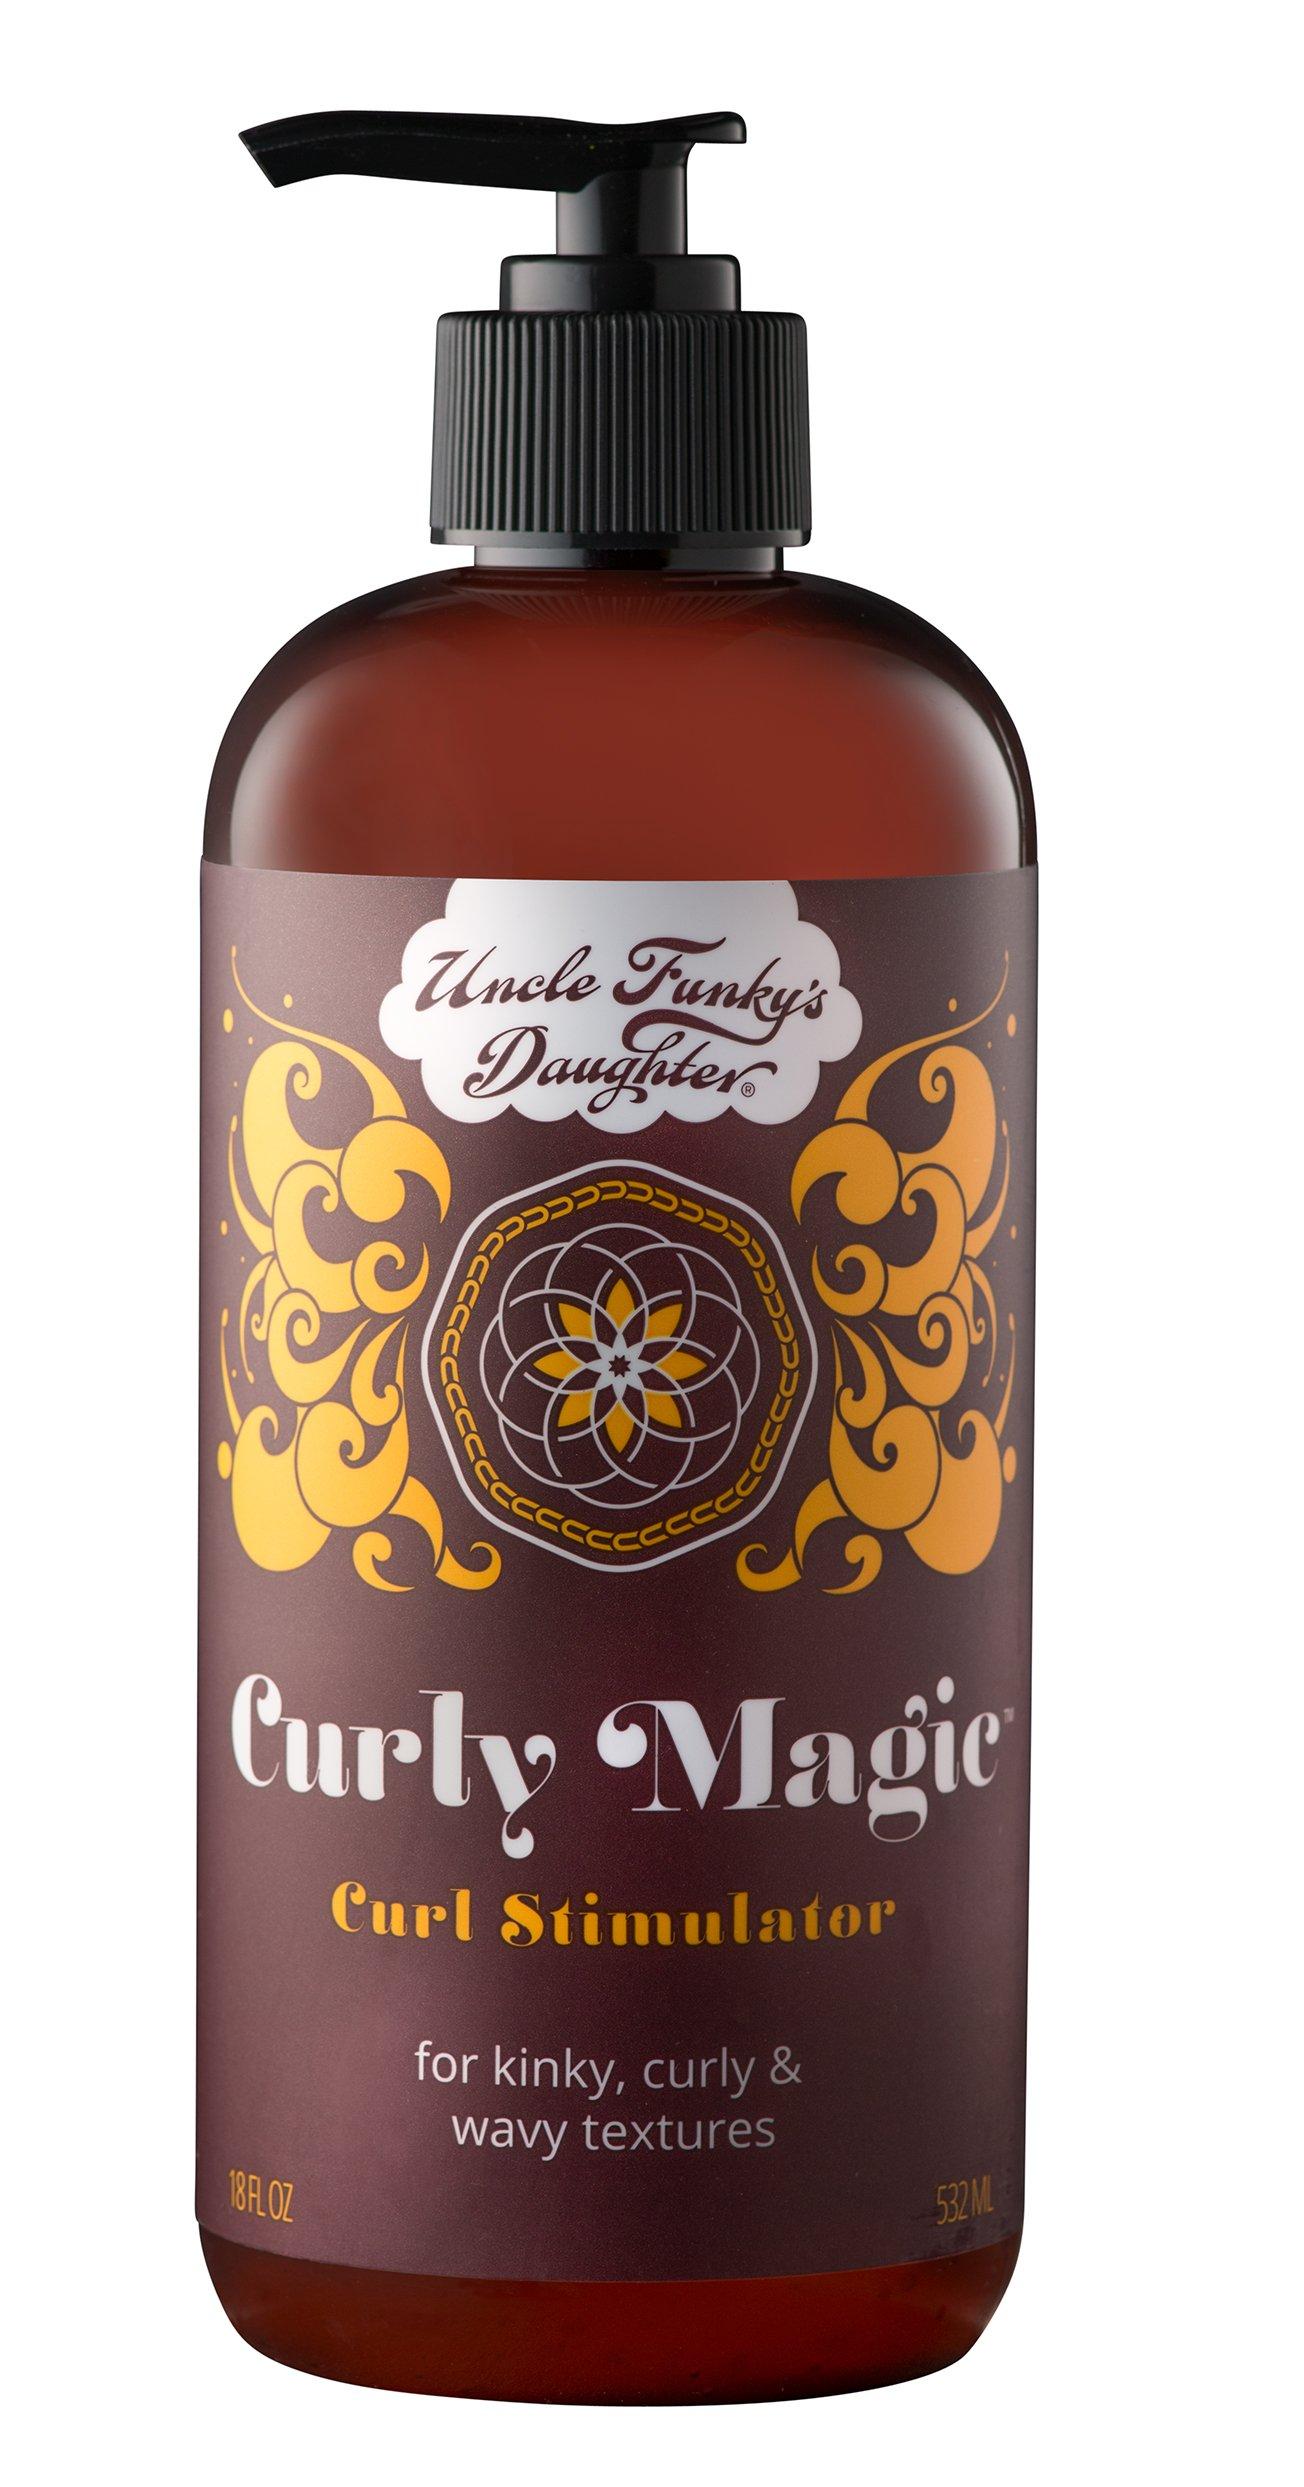 Curly Magic Curl Stimulator (18 oz)